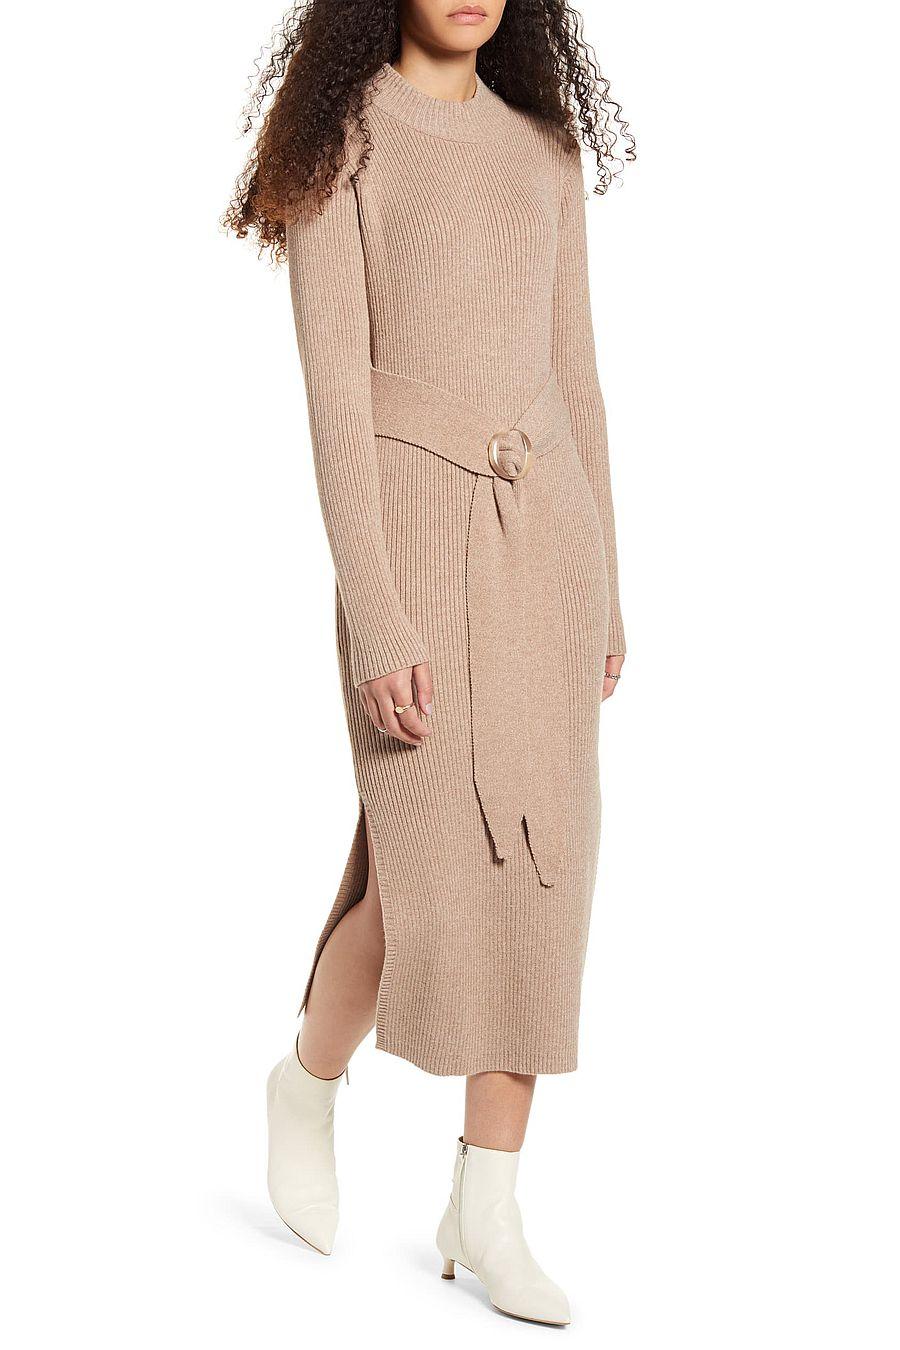 Moon River Front-tie Turtleneck Dress